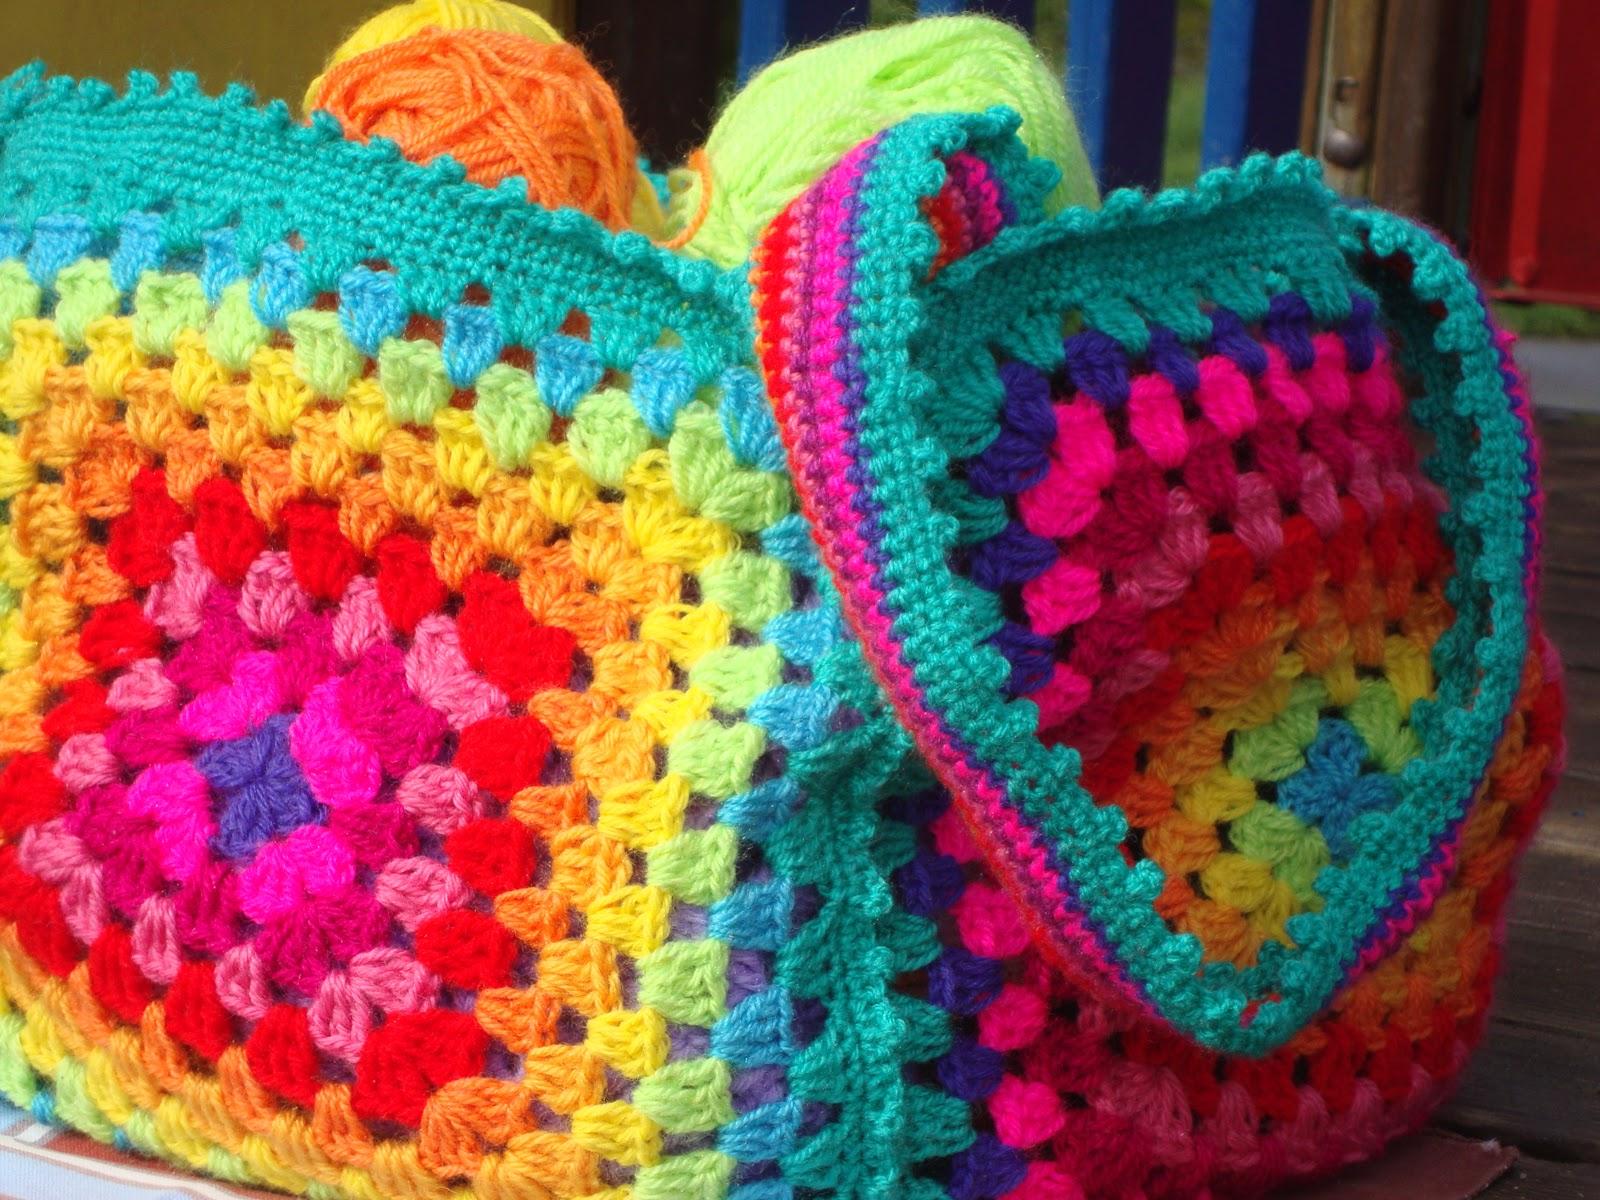 Le fragole di stoffa borsa arcobaleno di lana all 39 uncinetto con schema for Schemi borse uncinetto